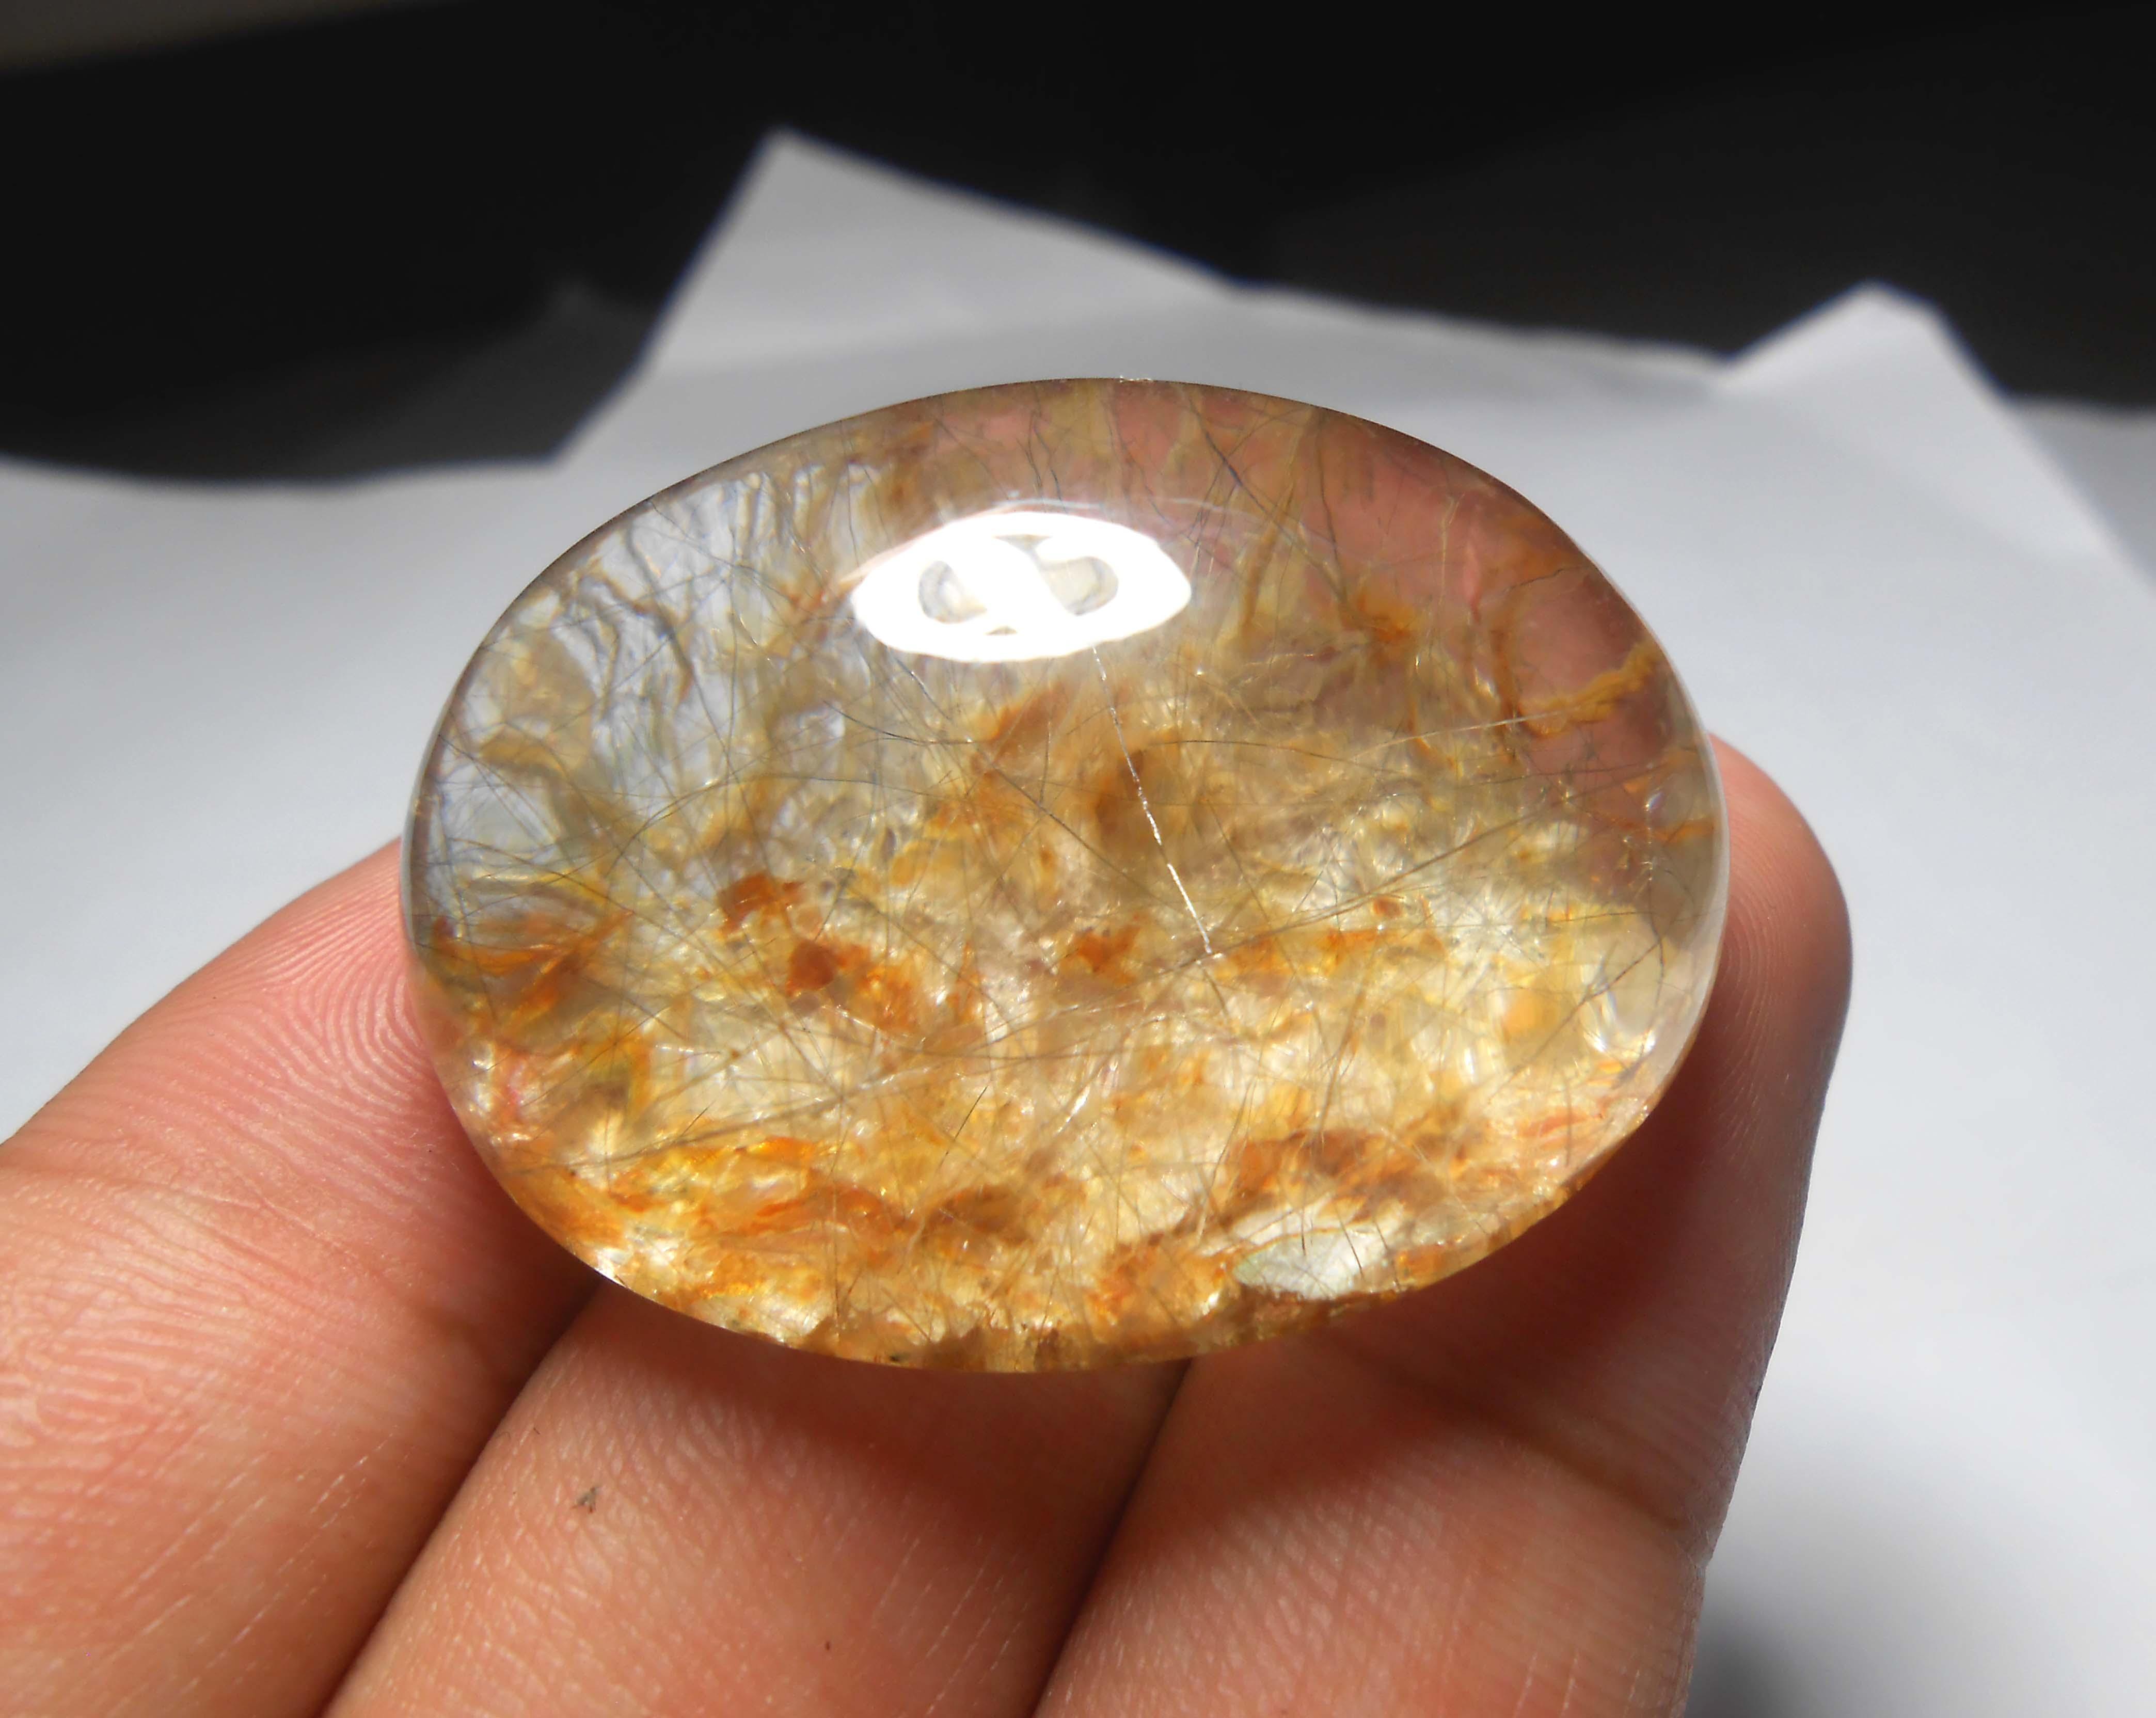 เม็ดโต แก้วขนเหล็กใส+กาบทอง น้ำงาม เม็ดโต เส้นสวย ขนาด 4* 3ขนาดสะสม หรือทำกำไล